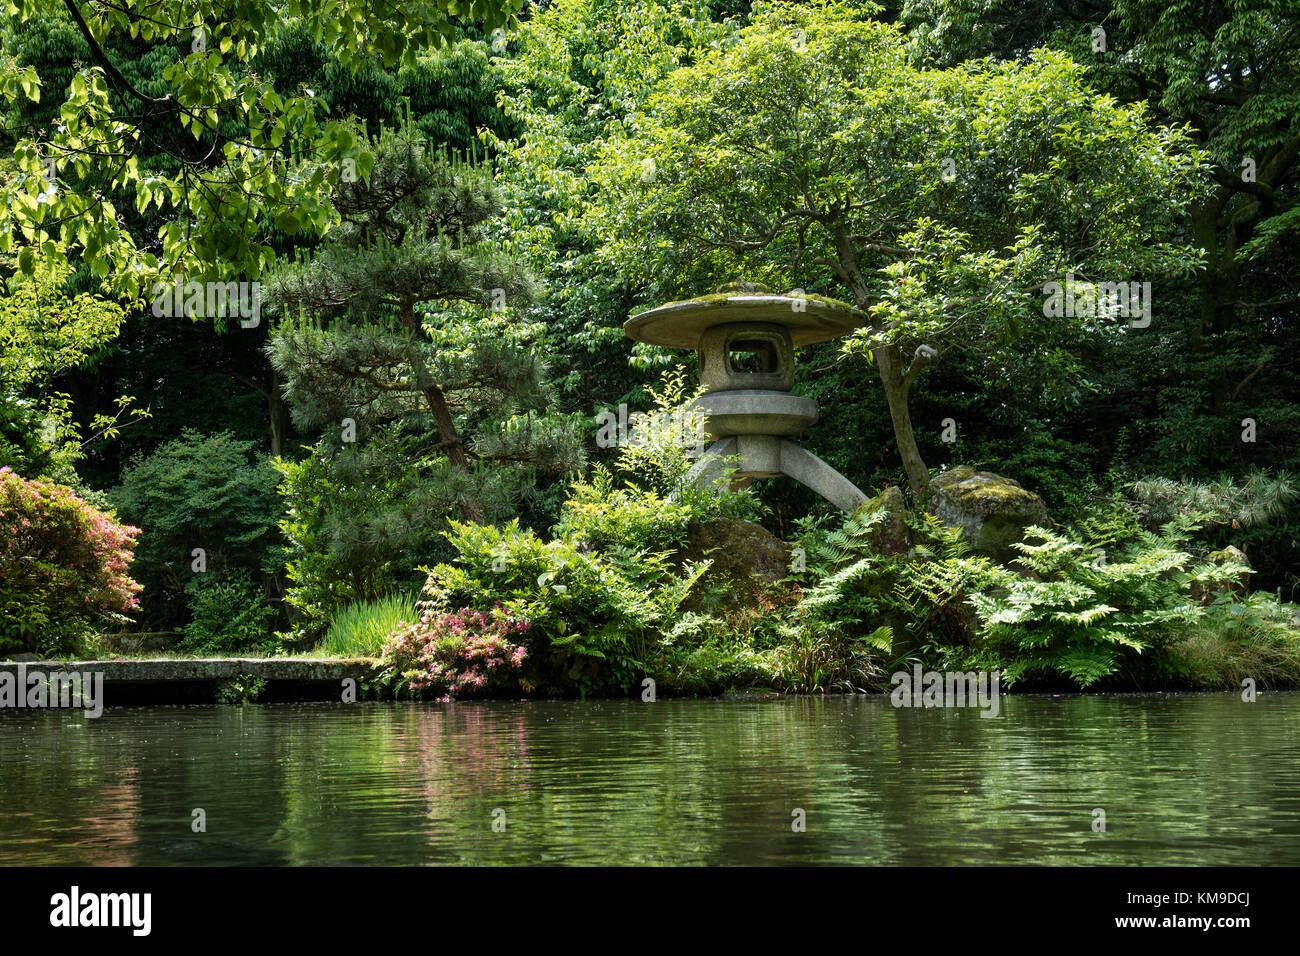 Ninja Japan Stock Photos & Ninja Japan Stock Images - Alamy